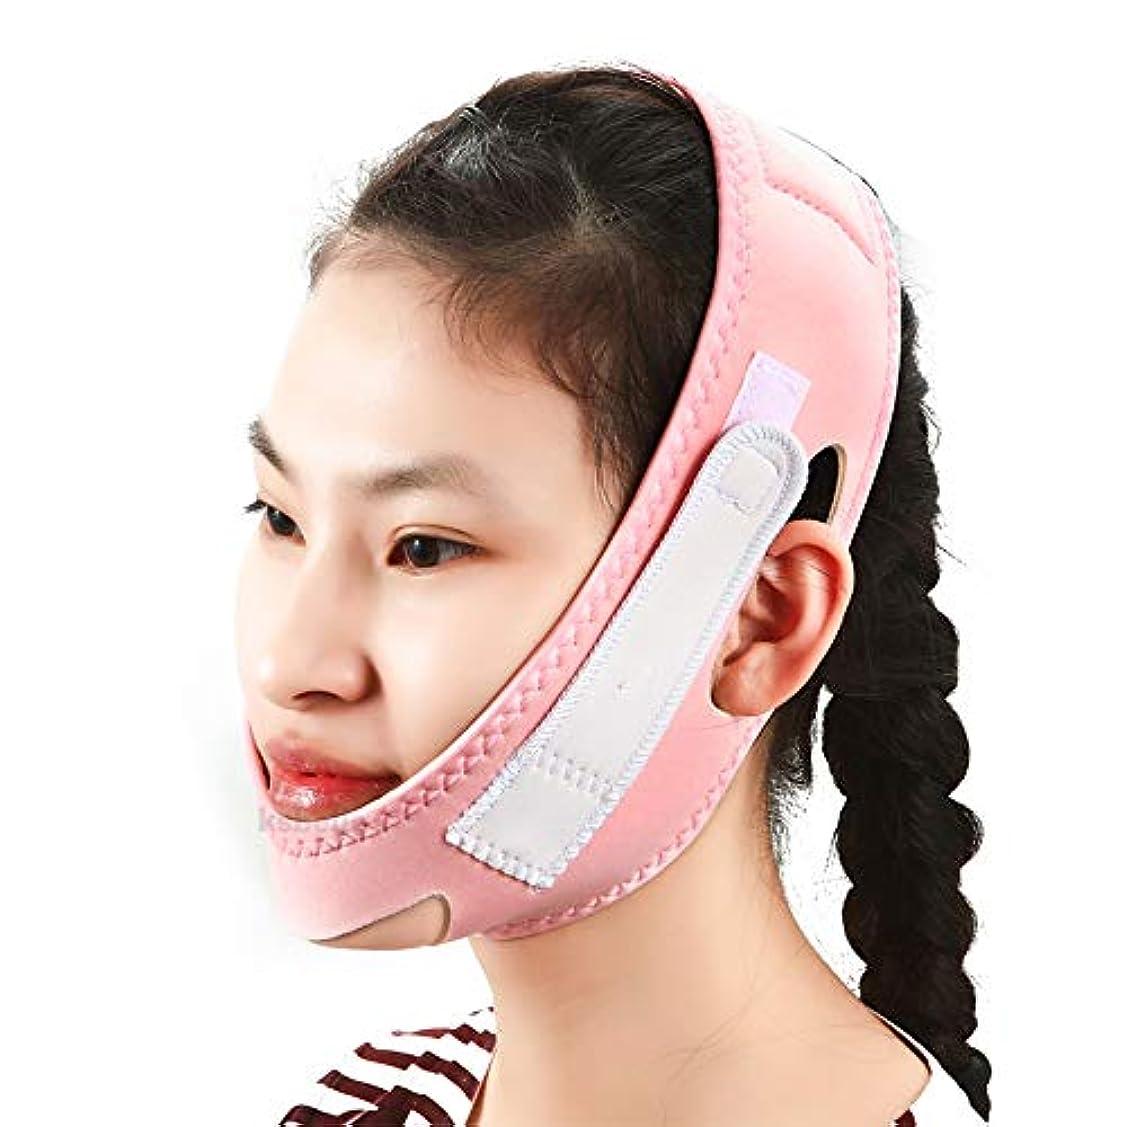 フェイススリムVラインリフトアップマスクチークチンネックスリム薄いベルトストラップ美容繊細な顔の薄いフェイスマスク痩身包帯